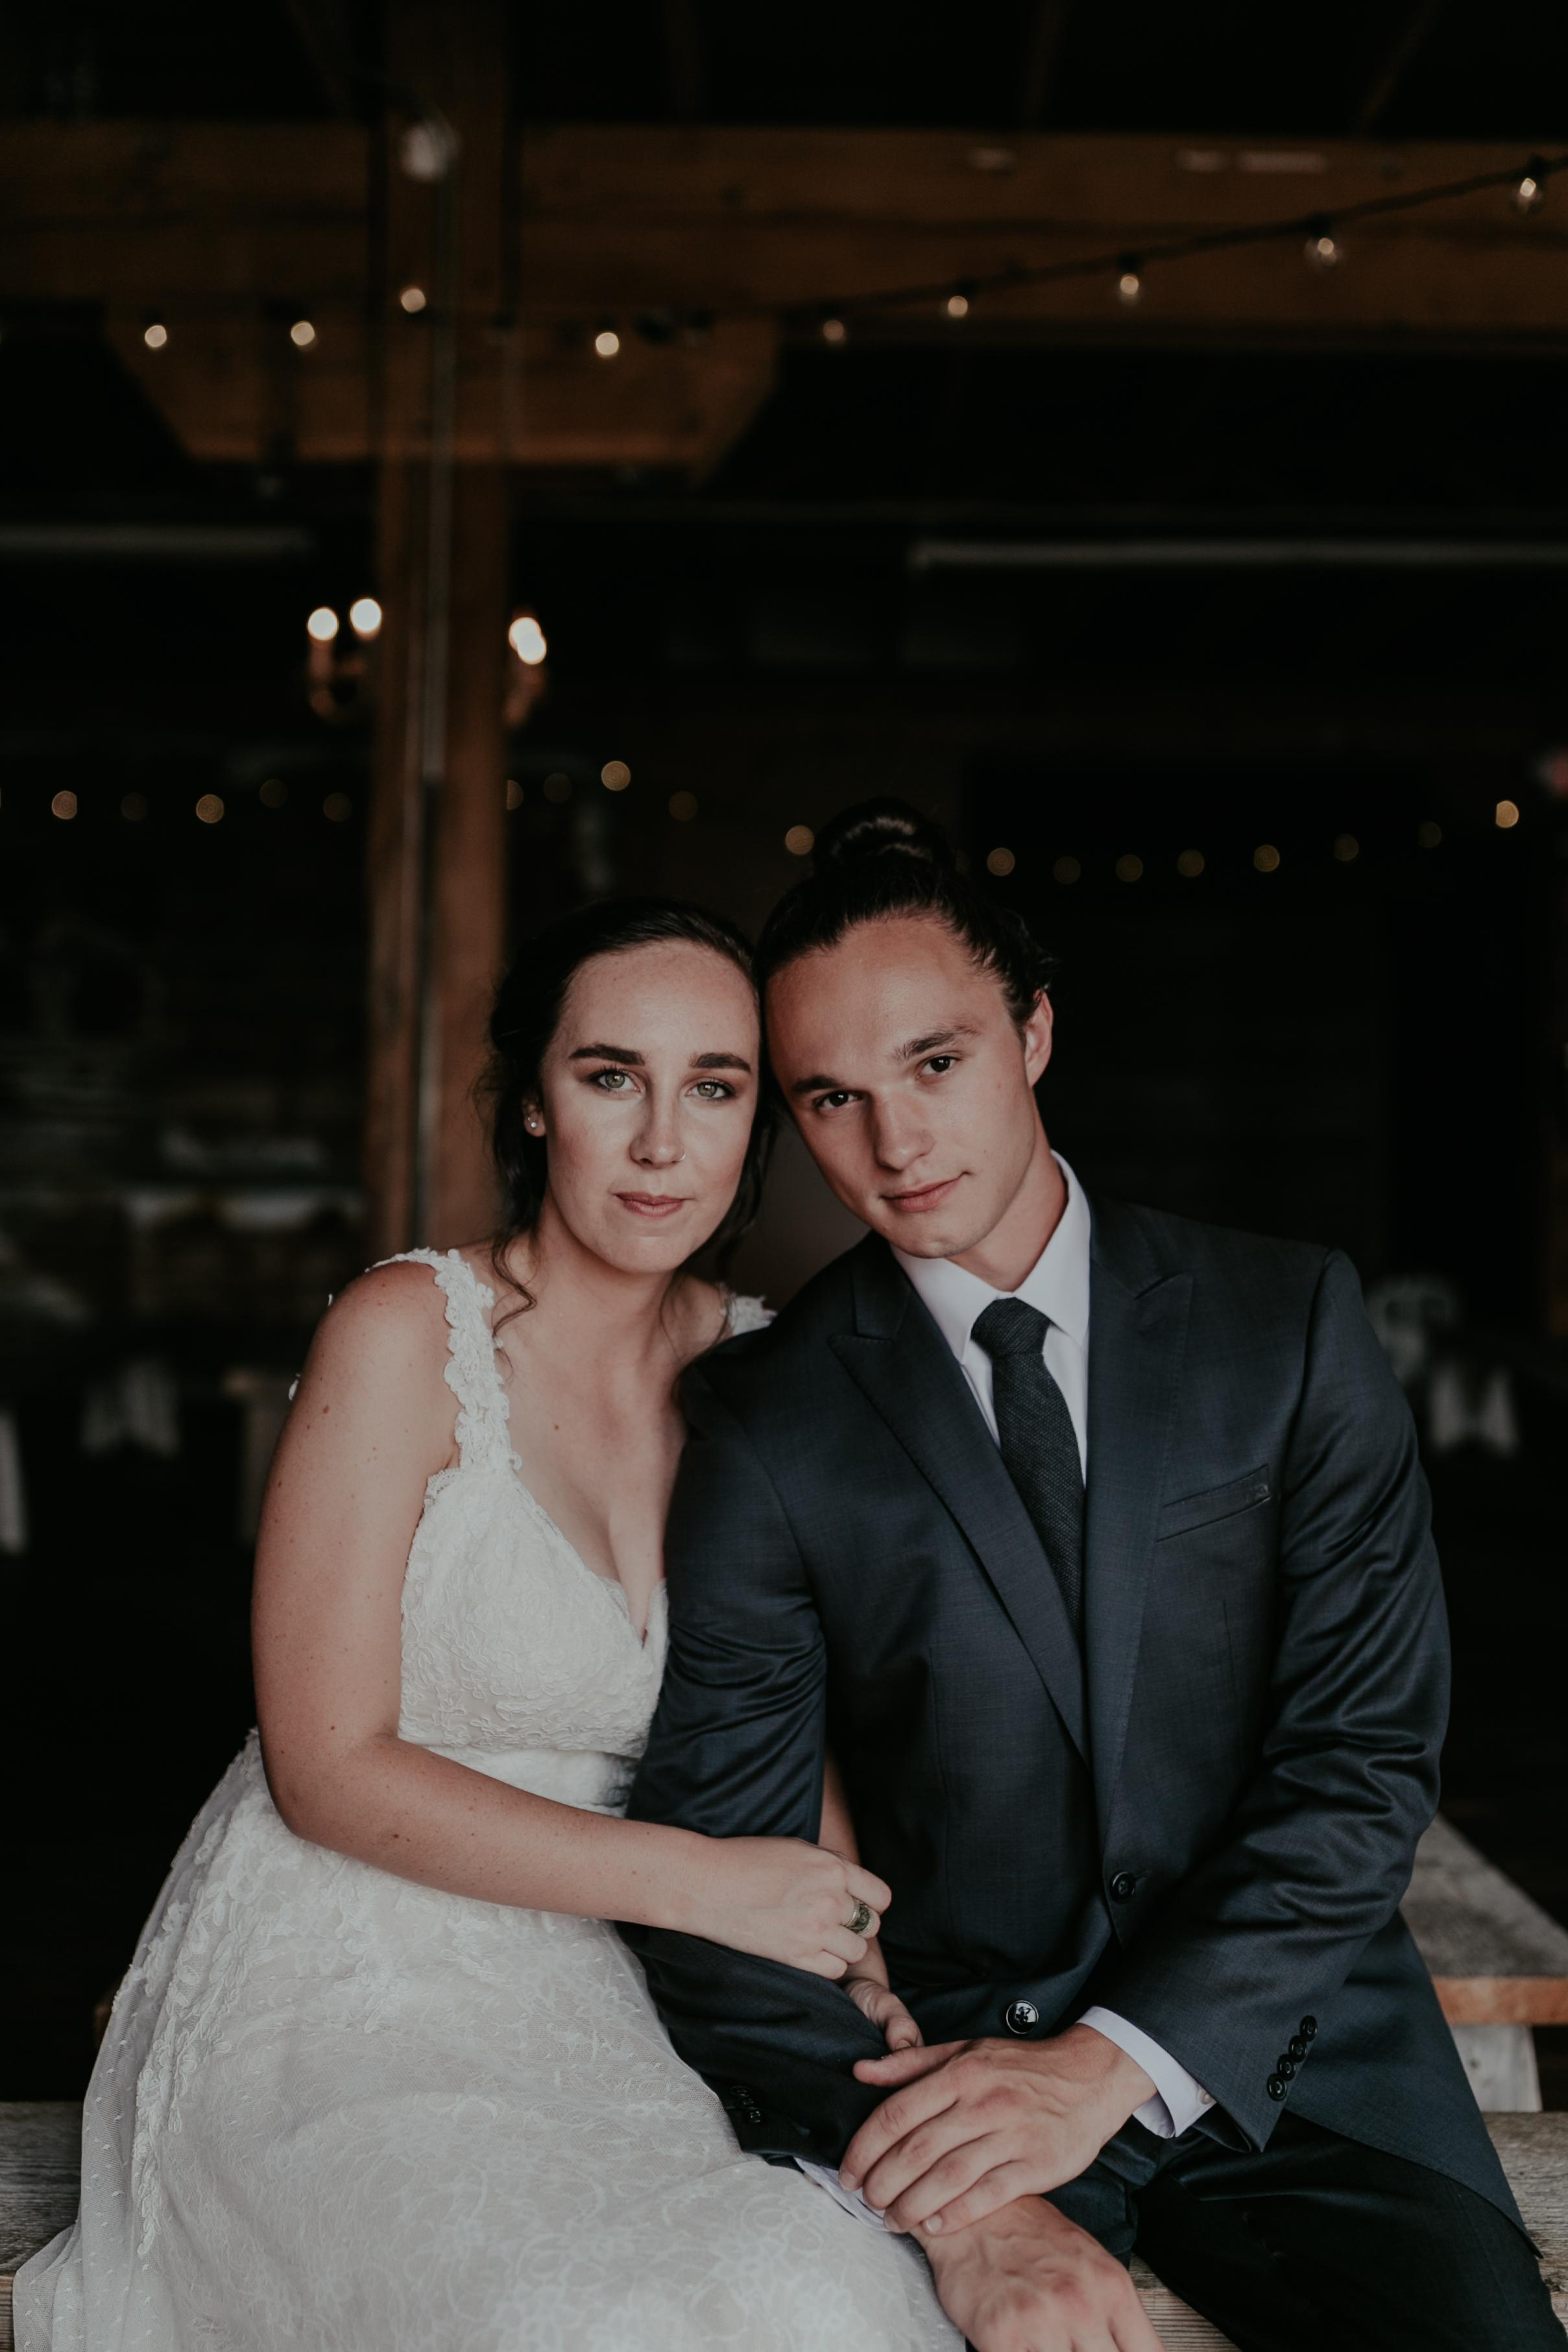 corrie_josiah_wedding-135.jpg